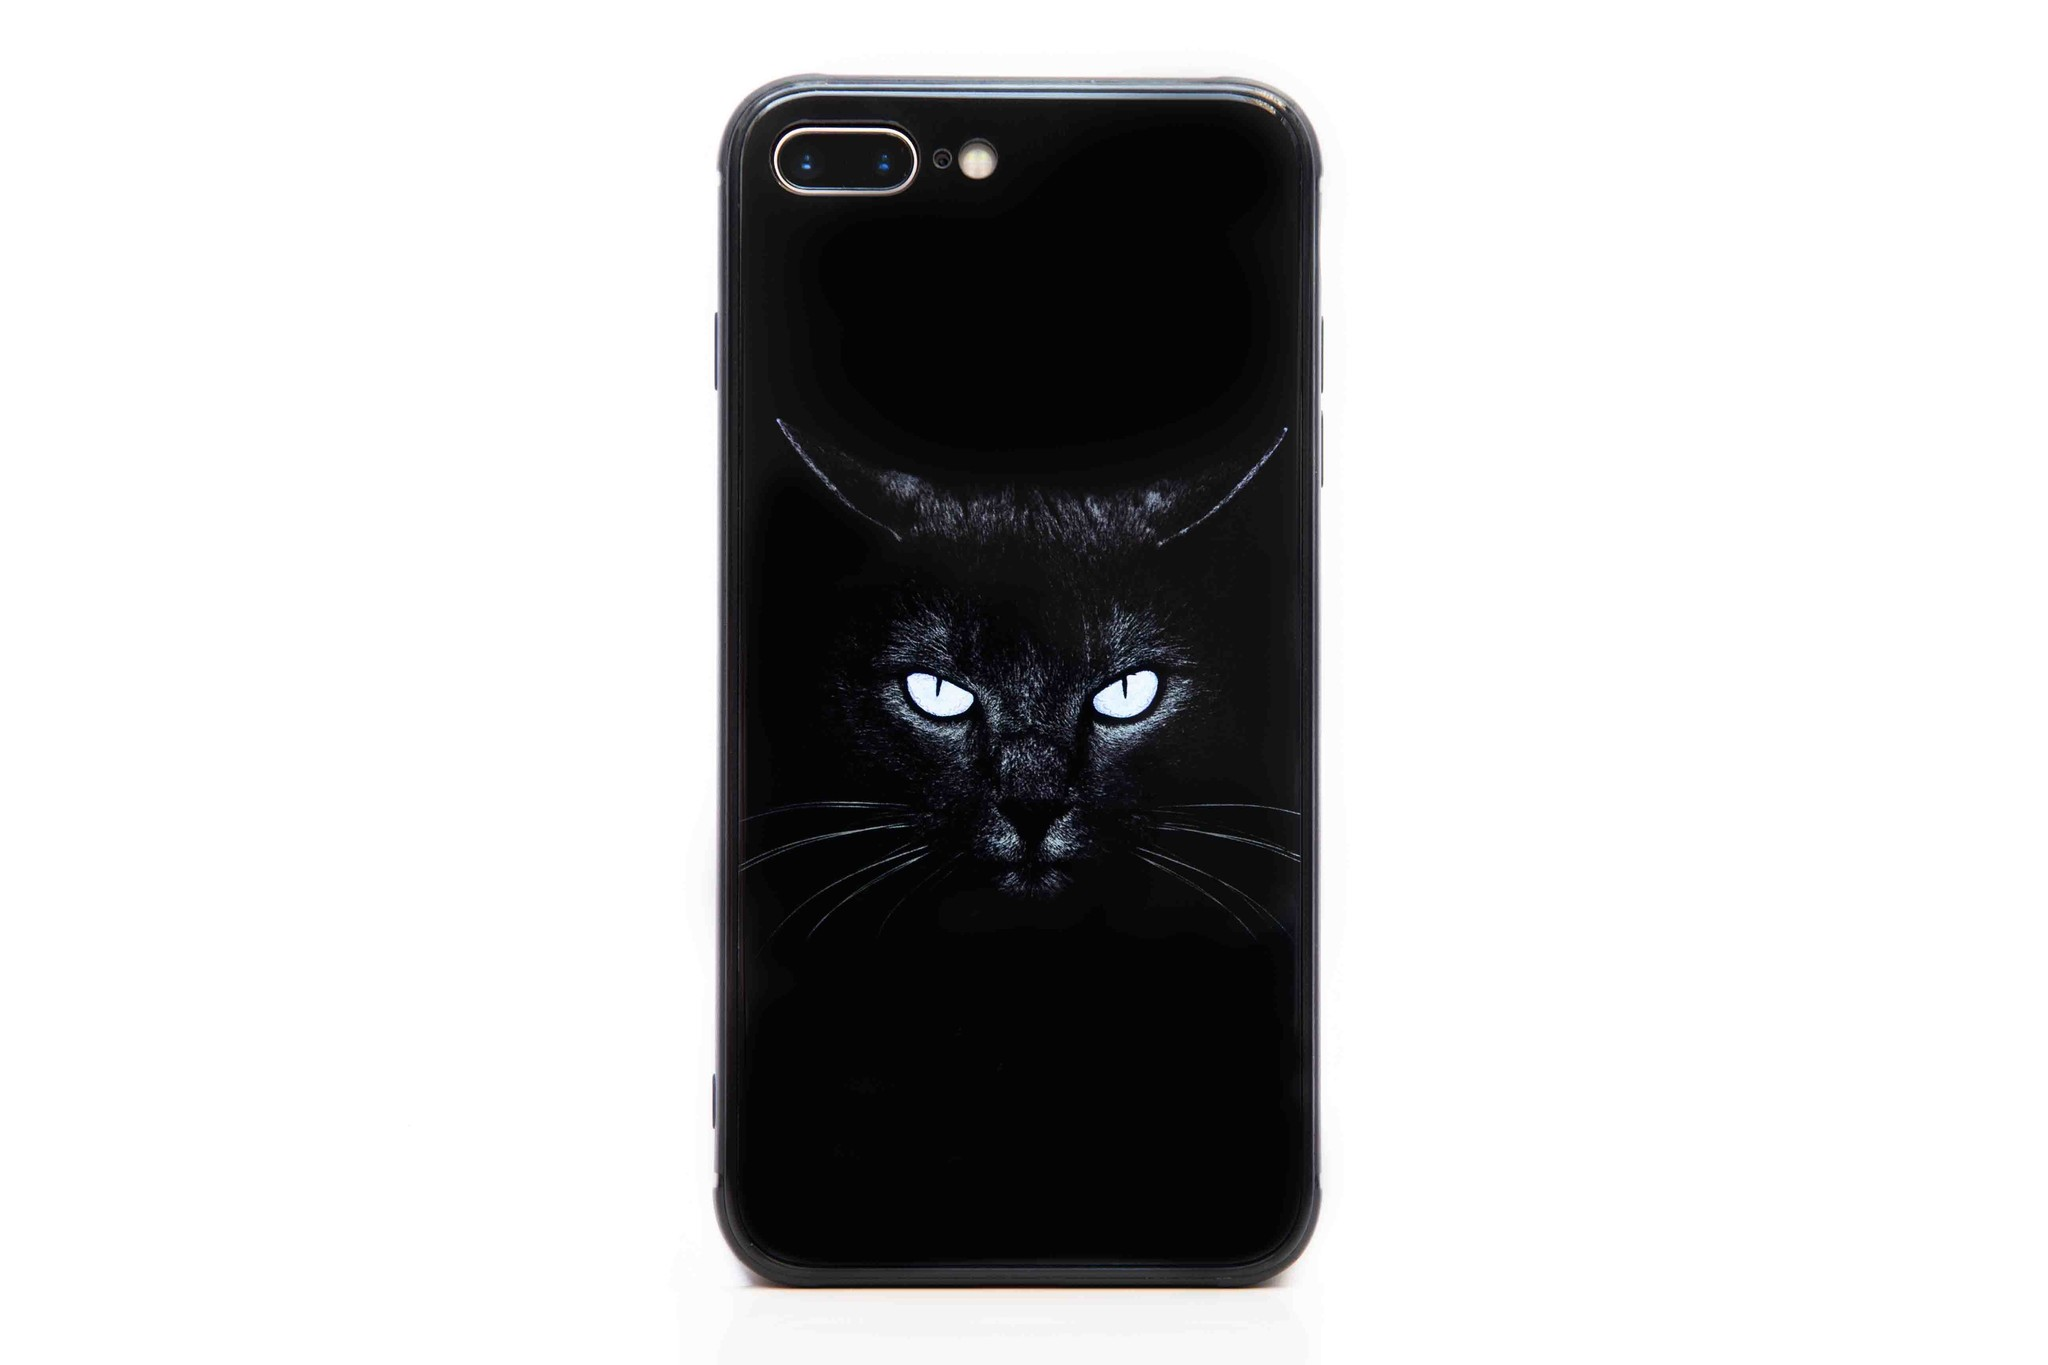 Smartphonehoesje iPhone 7 plus / 8 plus | Zwarte kat glow in the dark